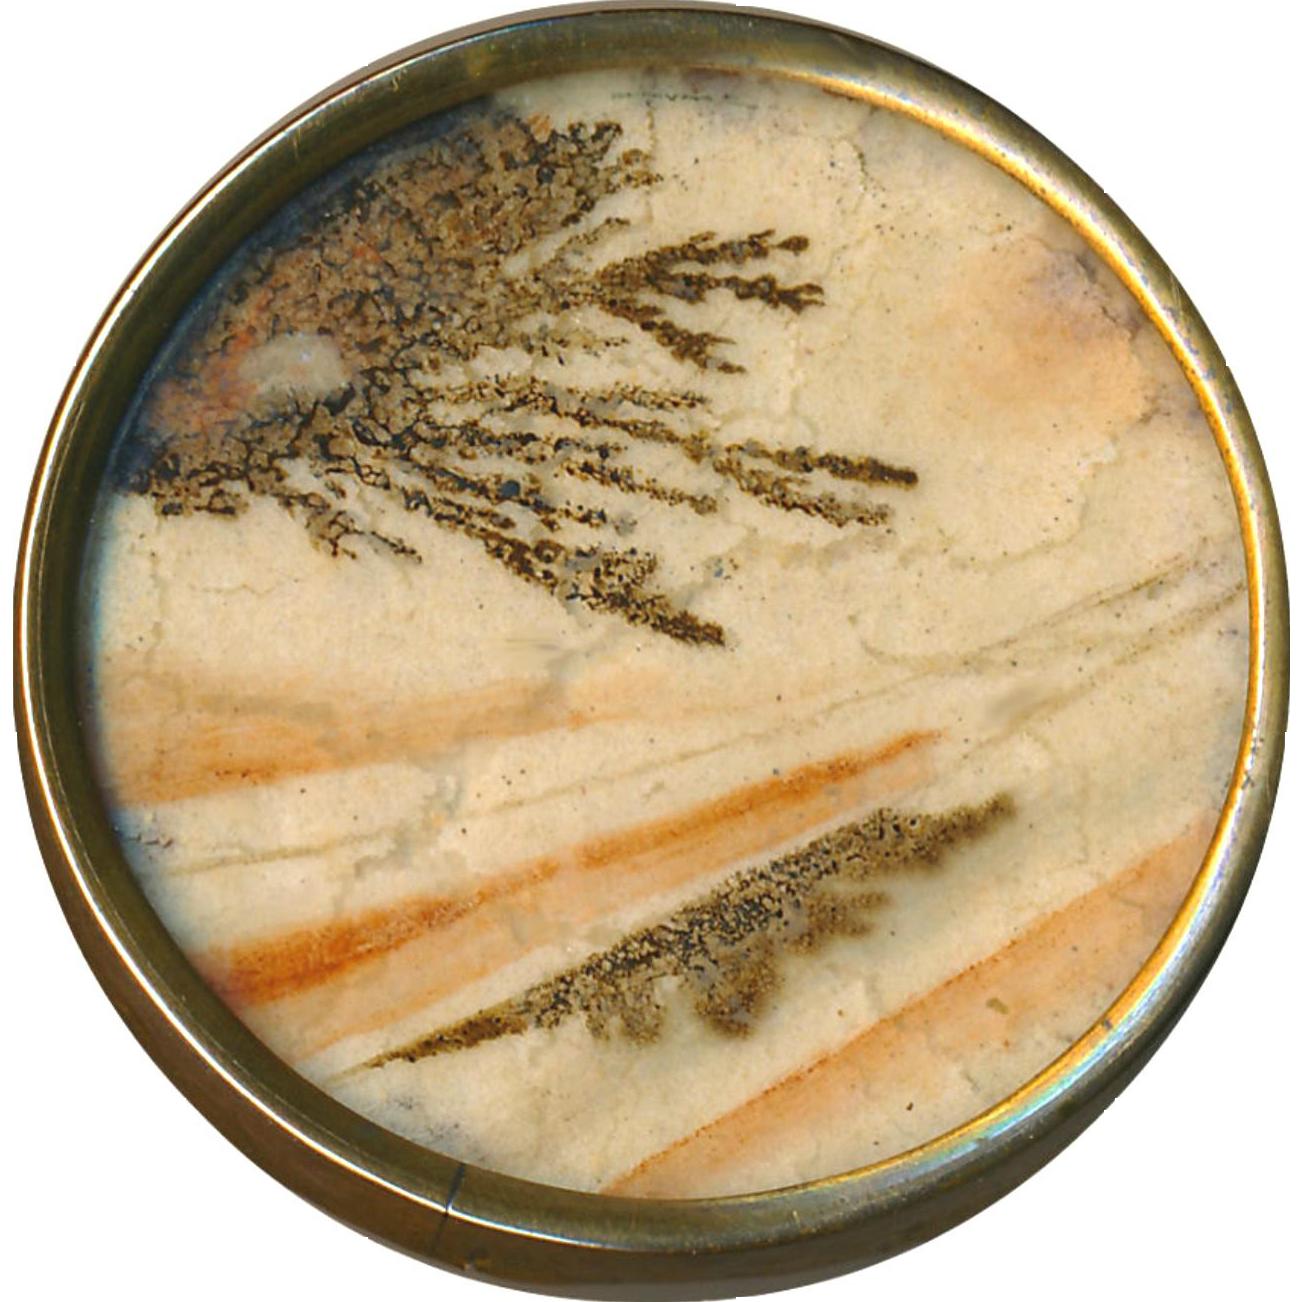 Button--Unusual Fine Georgian 18th C. Trompe L'Oeil (Fooler) Dendritic Agate Under Glass